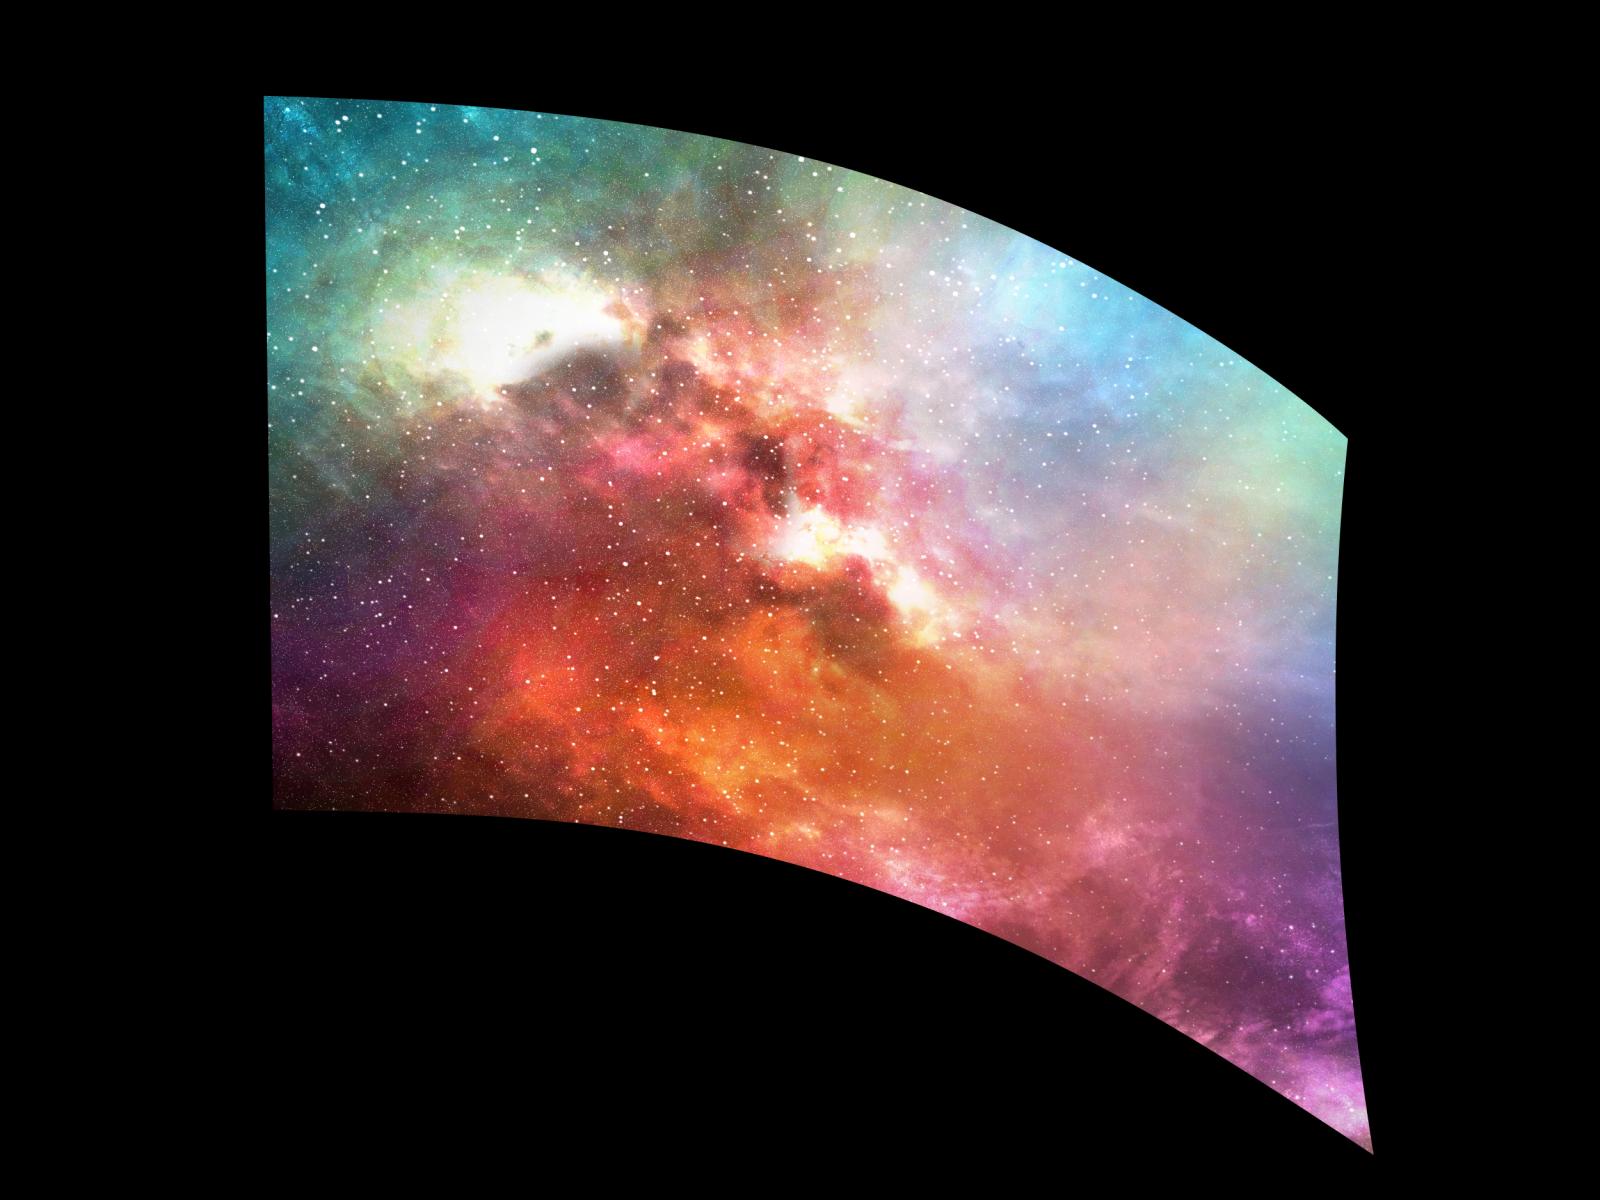 050207s - 36x54 Standard Galaxy 2